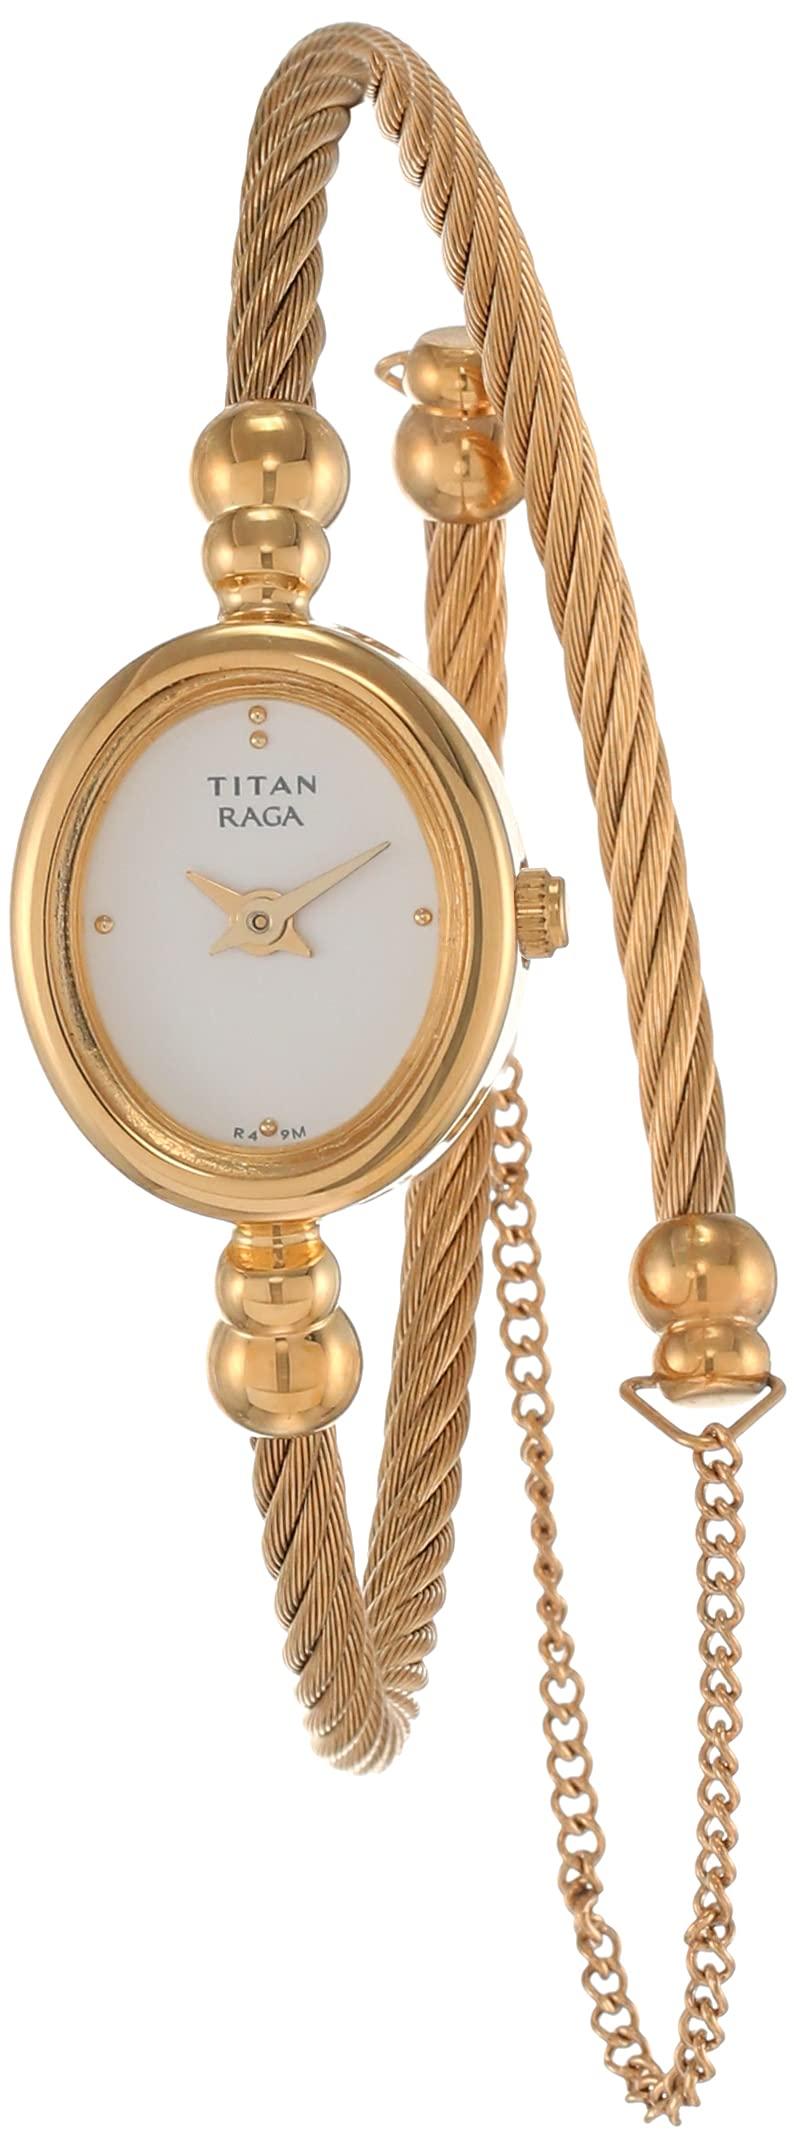 Titan Raga Women's Analog Quartz Watch | Bangle Jewelry Style Wristwatch